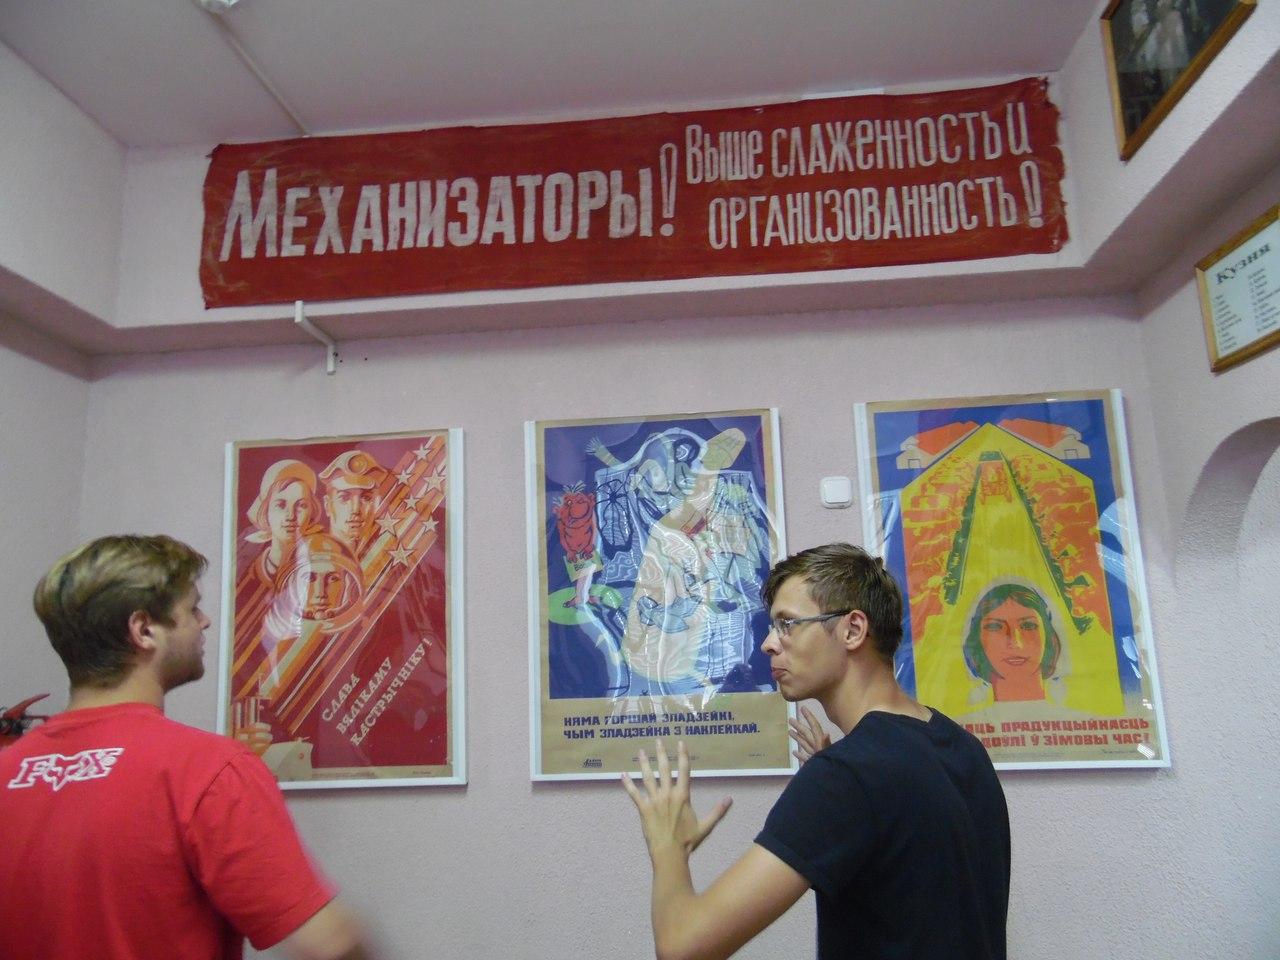 Советский плакат про механизаторов в музее